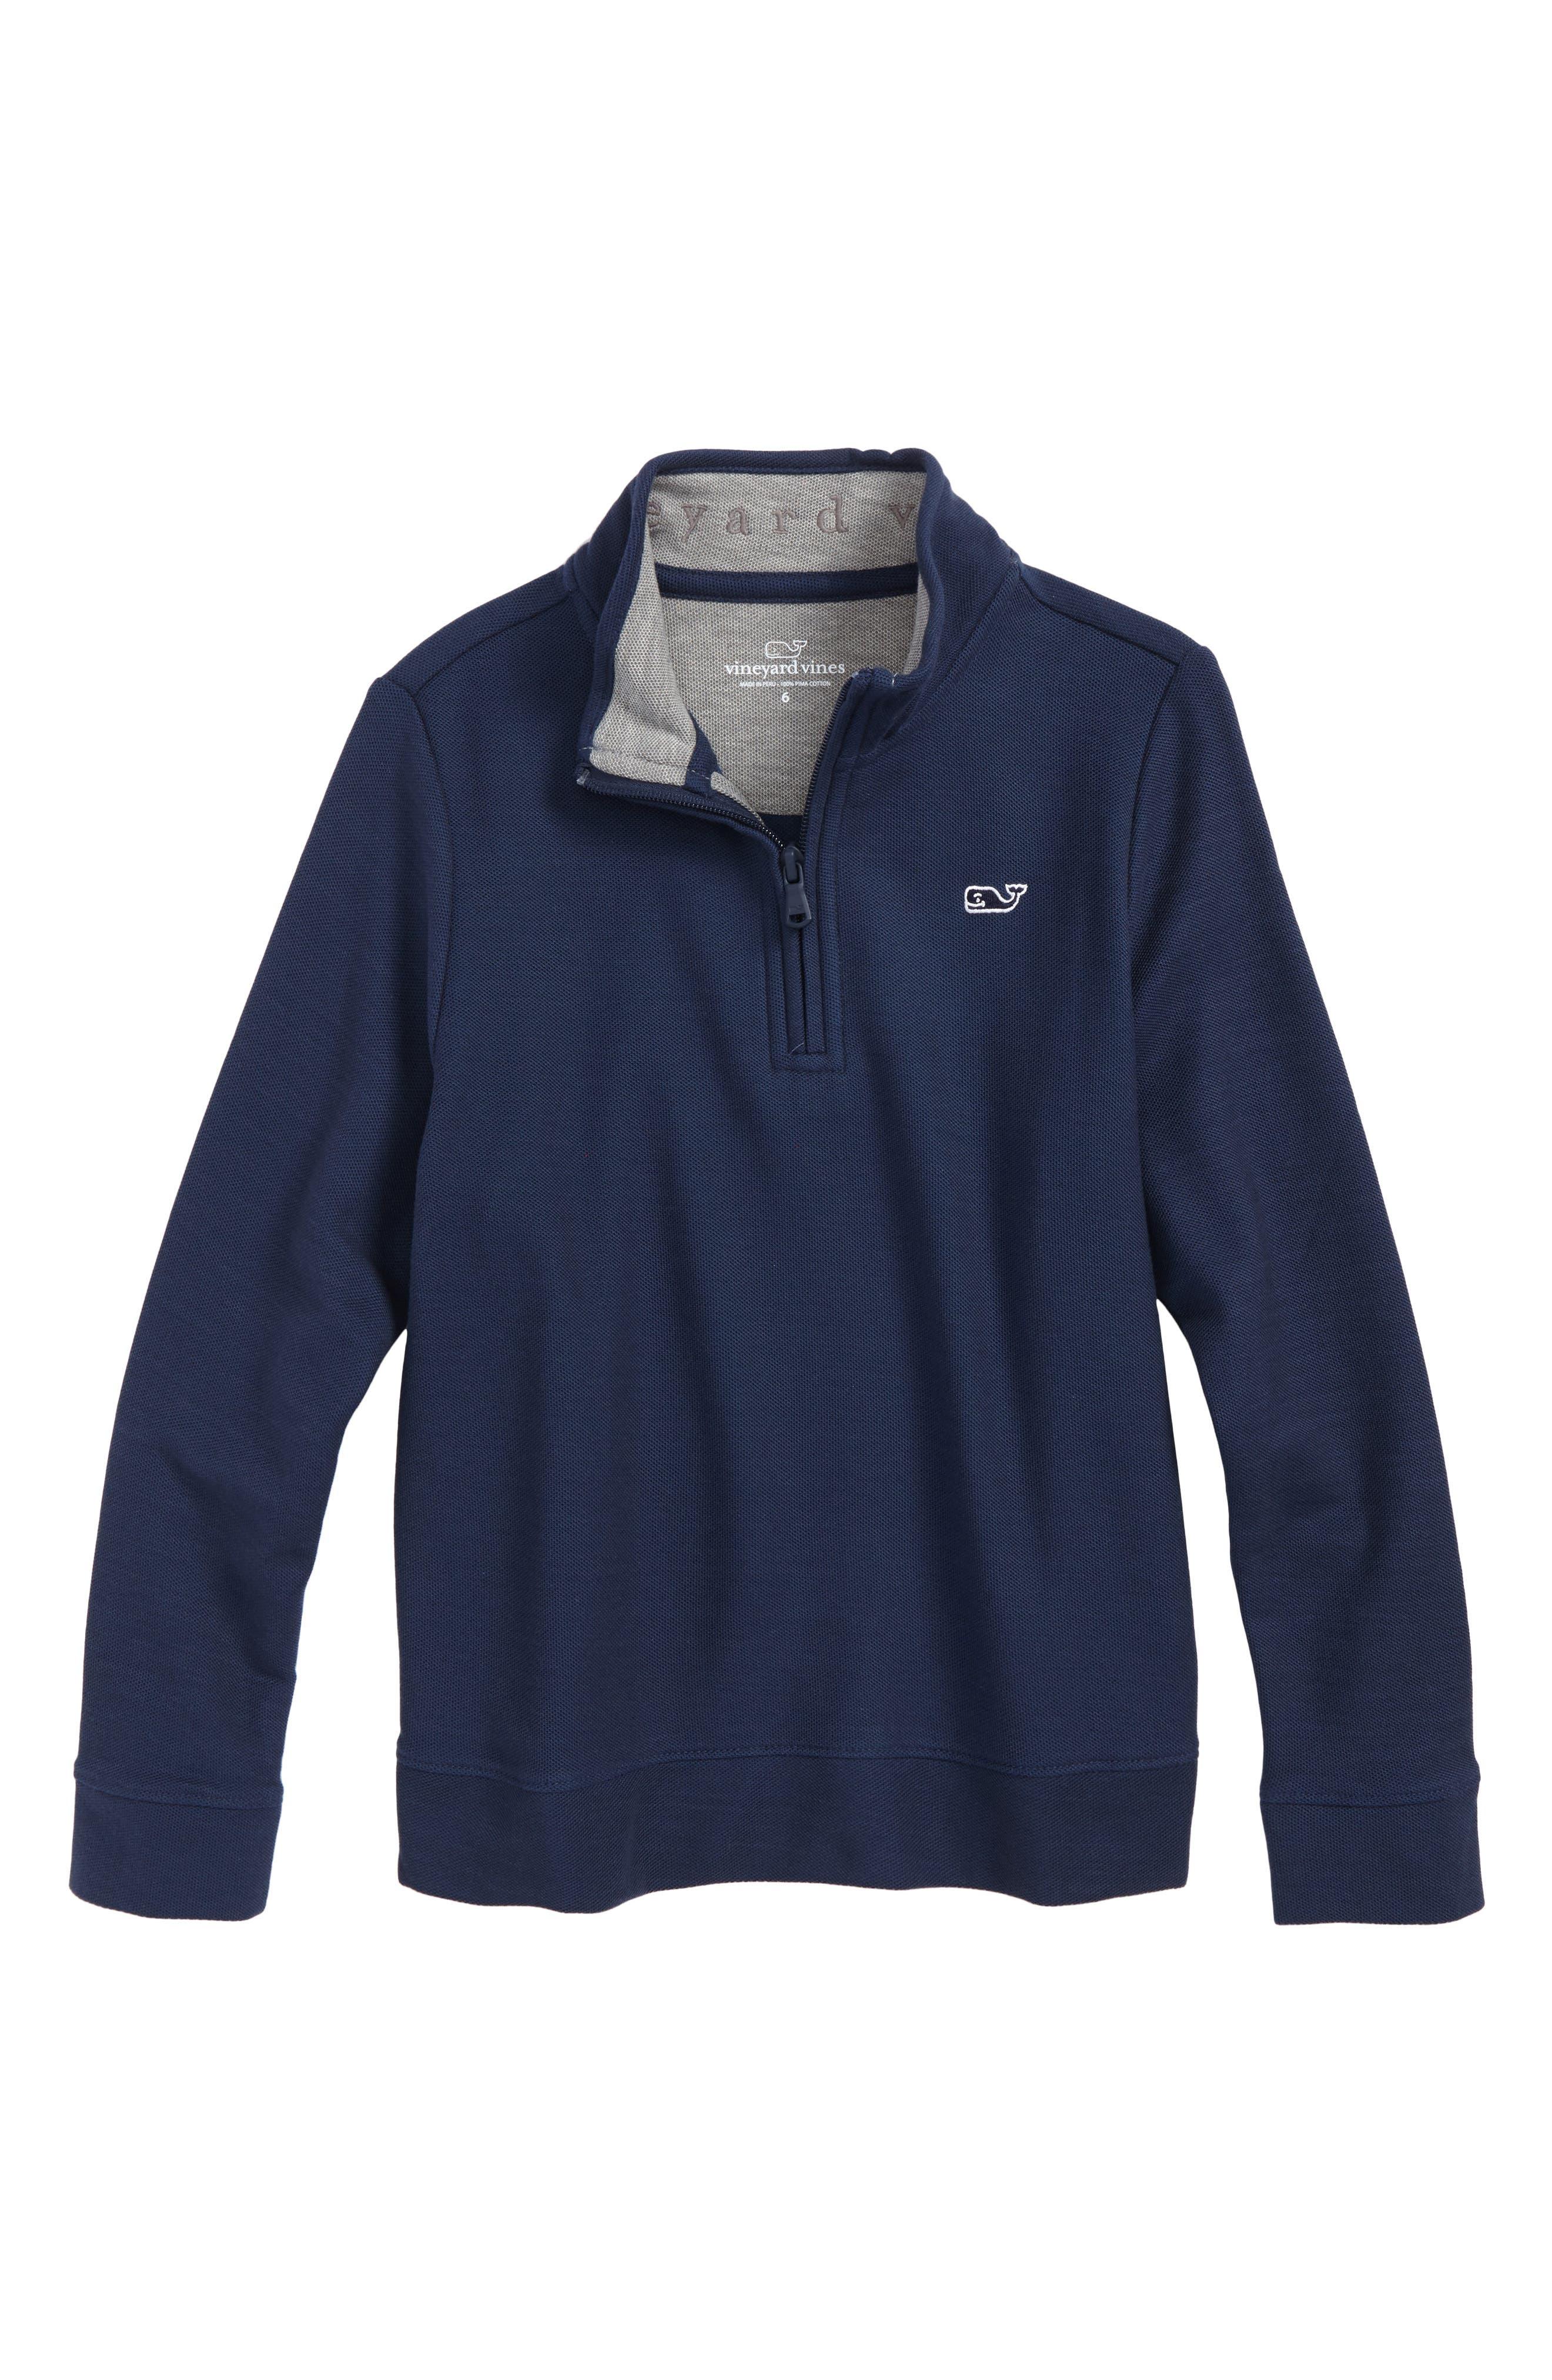 Quarter Zip Sweater,                         Main,                         color, Vineyard Navy